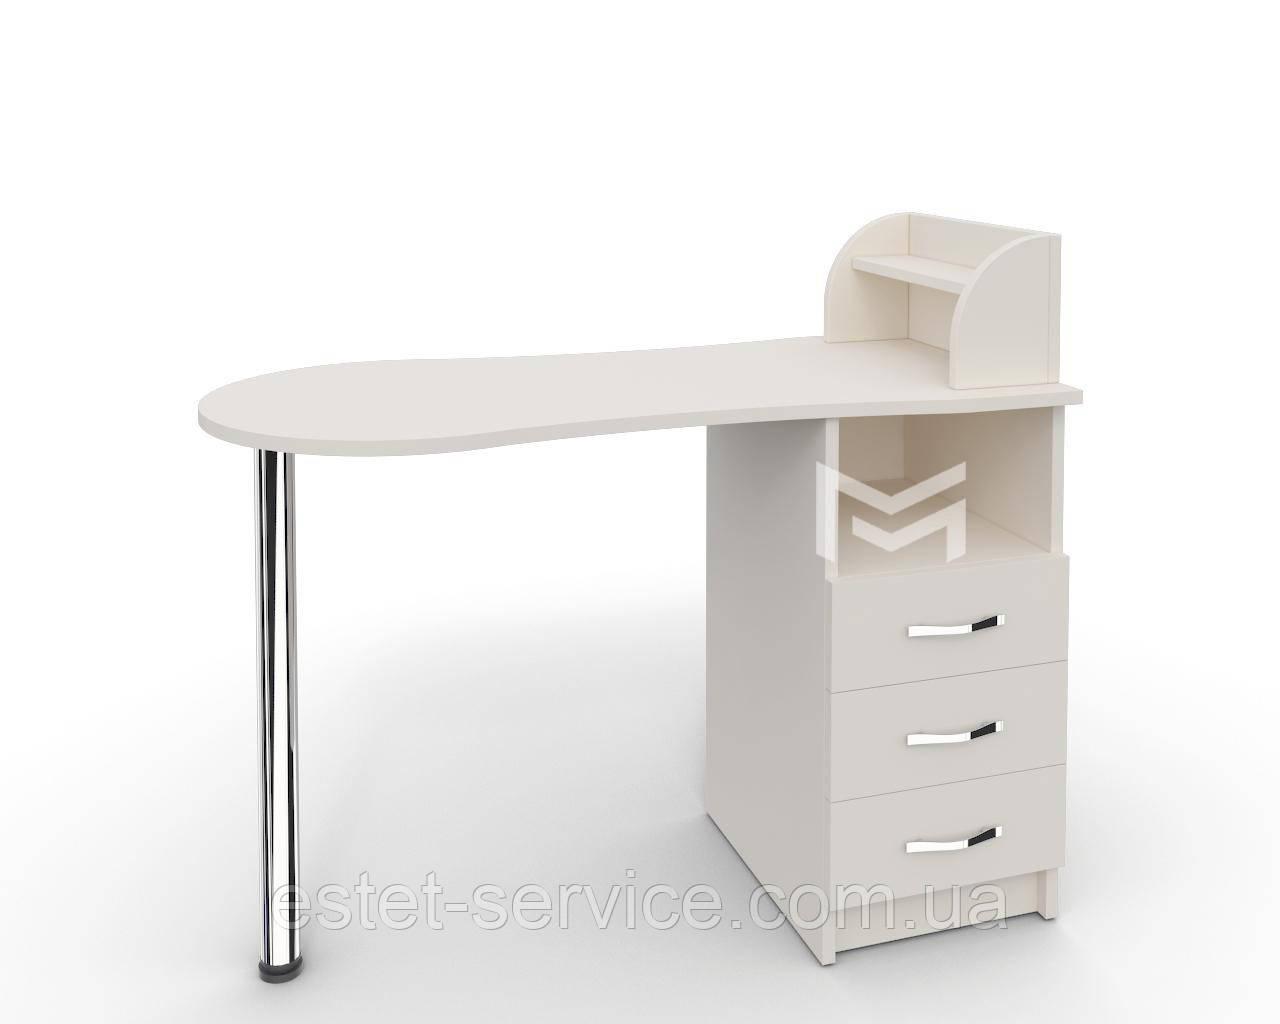 Маникюрный стол профессиональный Естет №3 в БЕЛОМ цвете М103